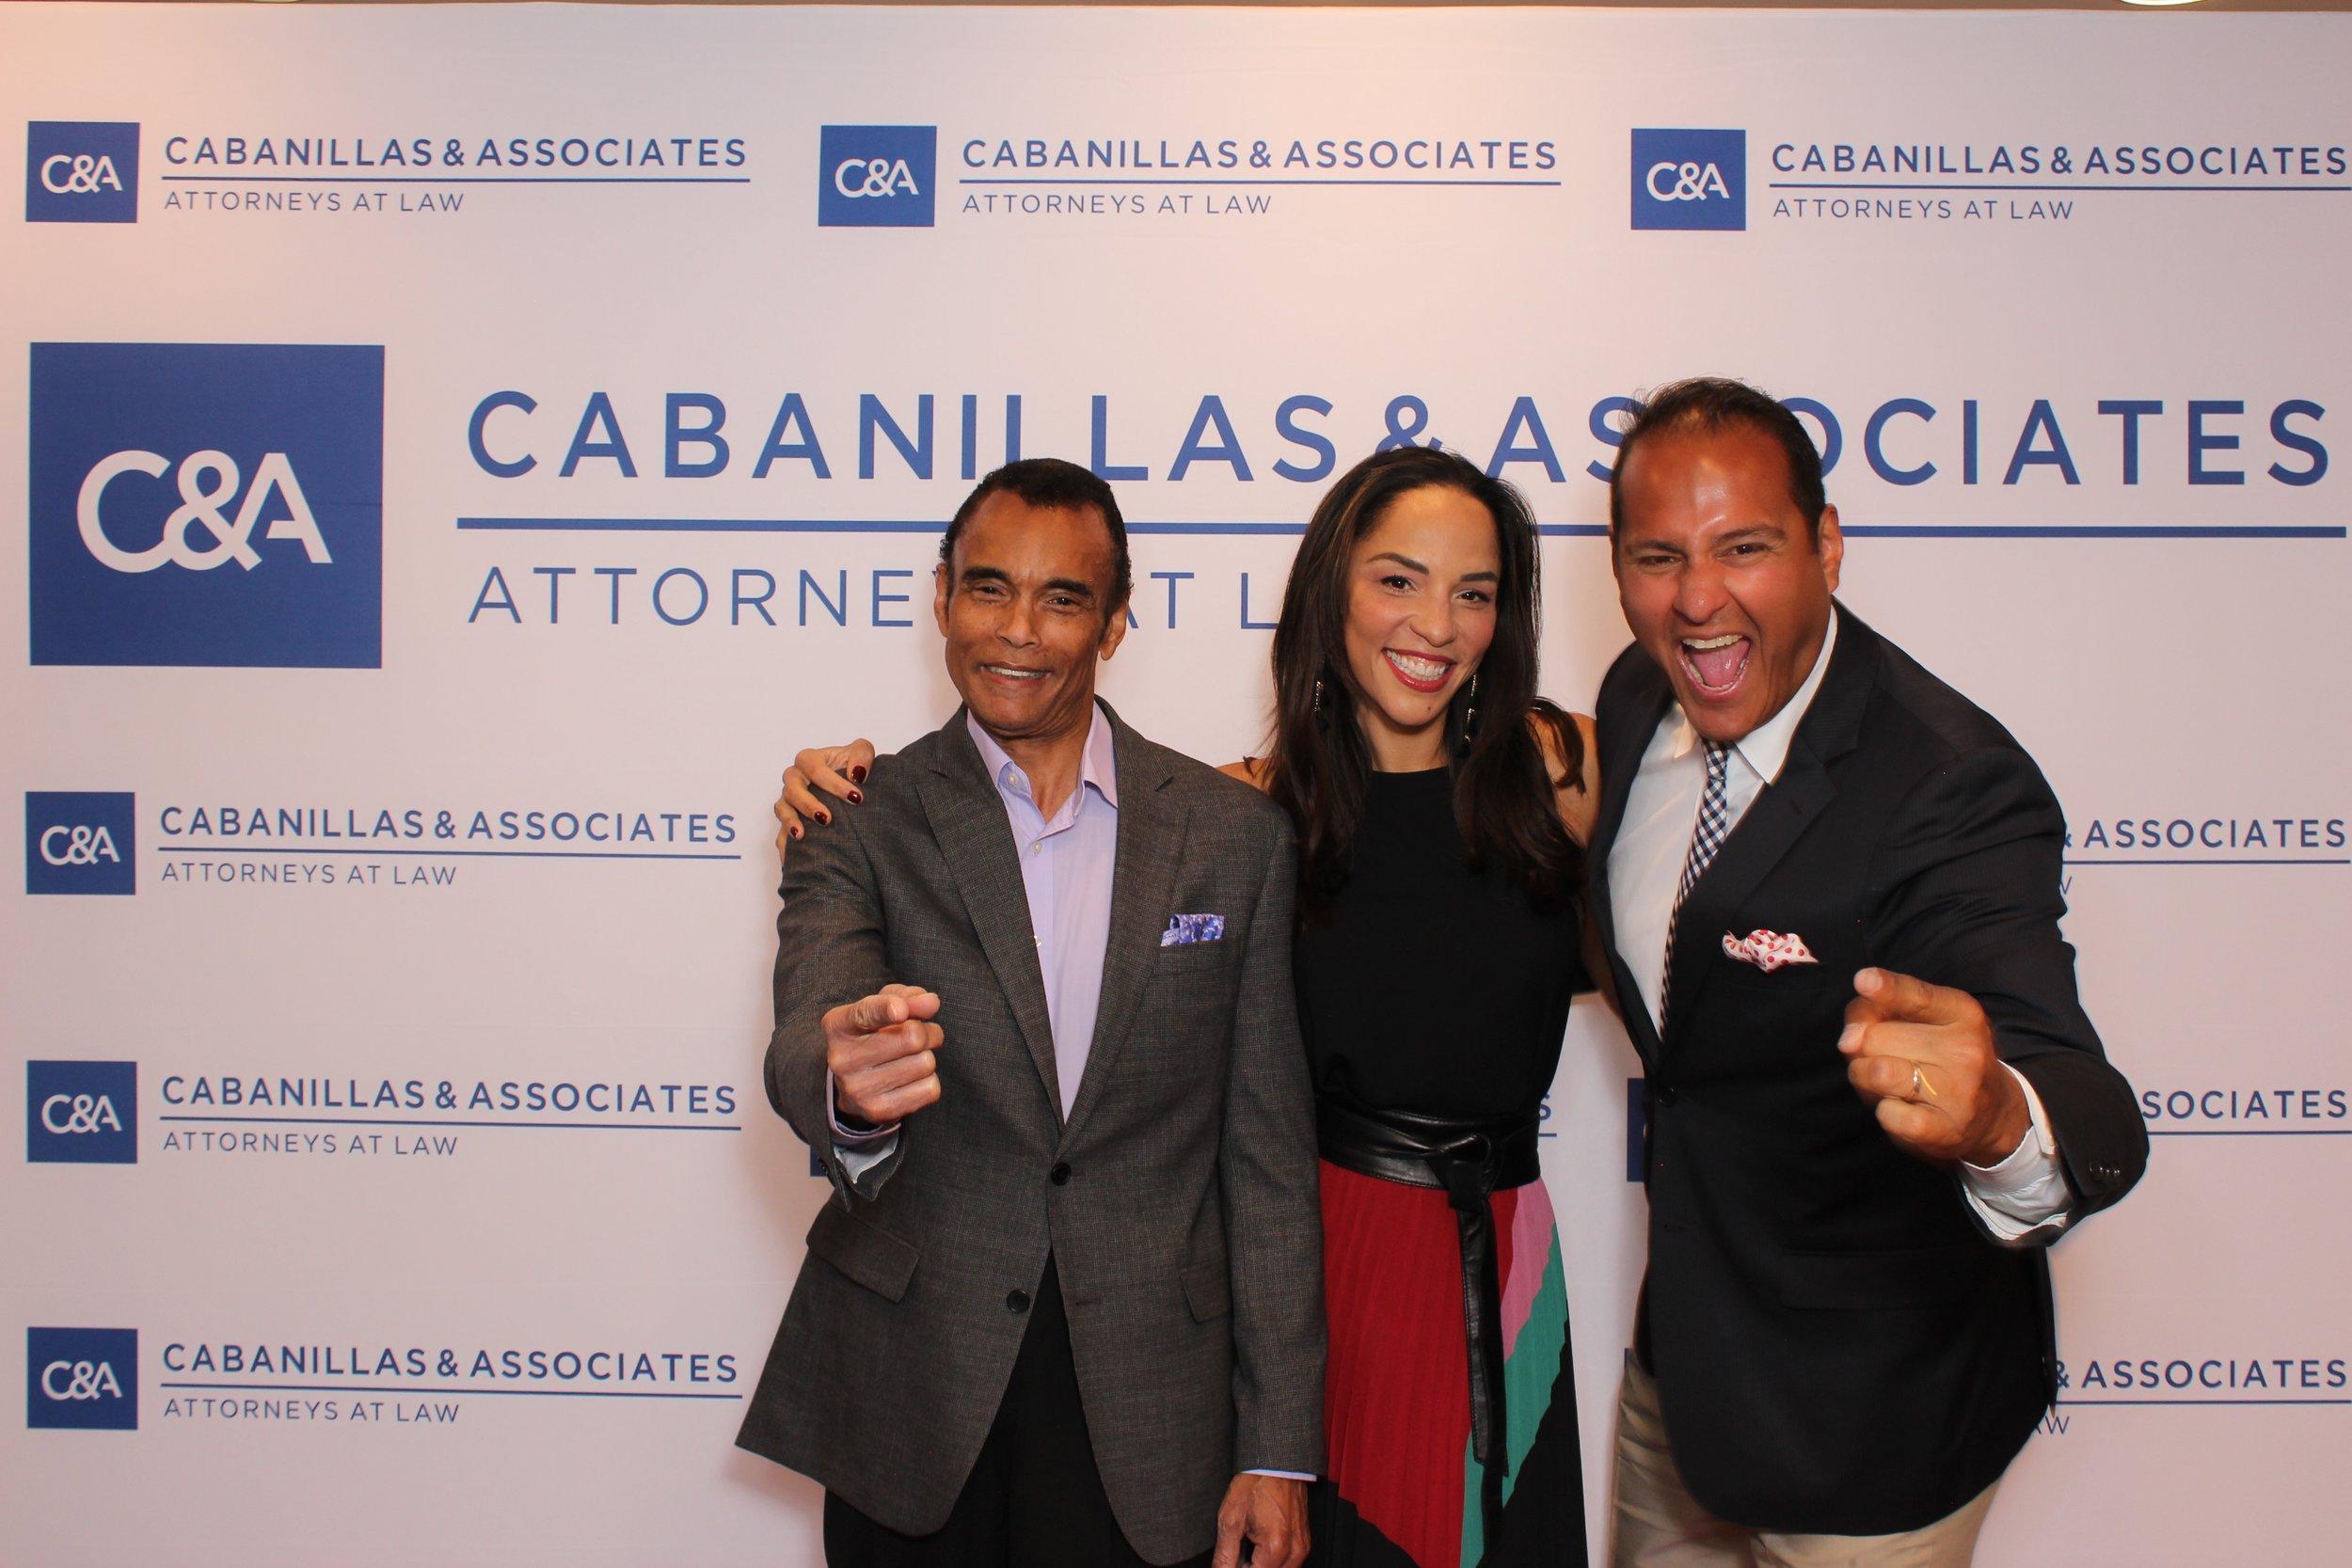 Cabanillas2018_2018-06-14_19-41-20.jpg